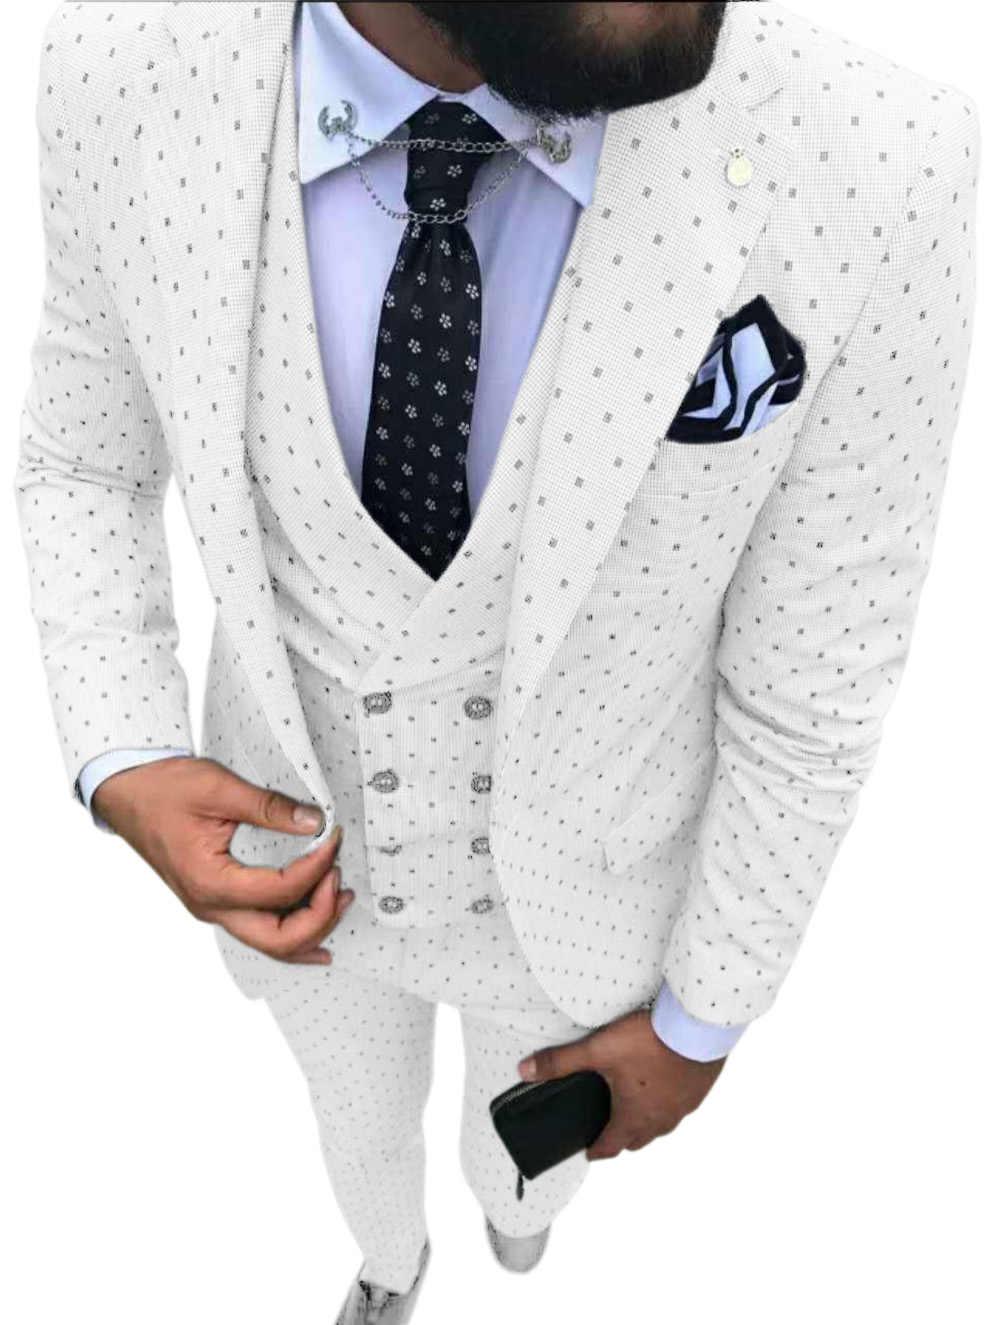 メンズスーツ波ポイント 3 個男性ドレススーツカジュアル通勤オフィスビジネス結婚式のためにスーツ (ブレザー + ベスト + パンツ)